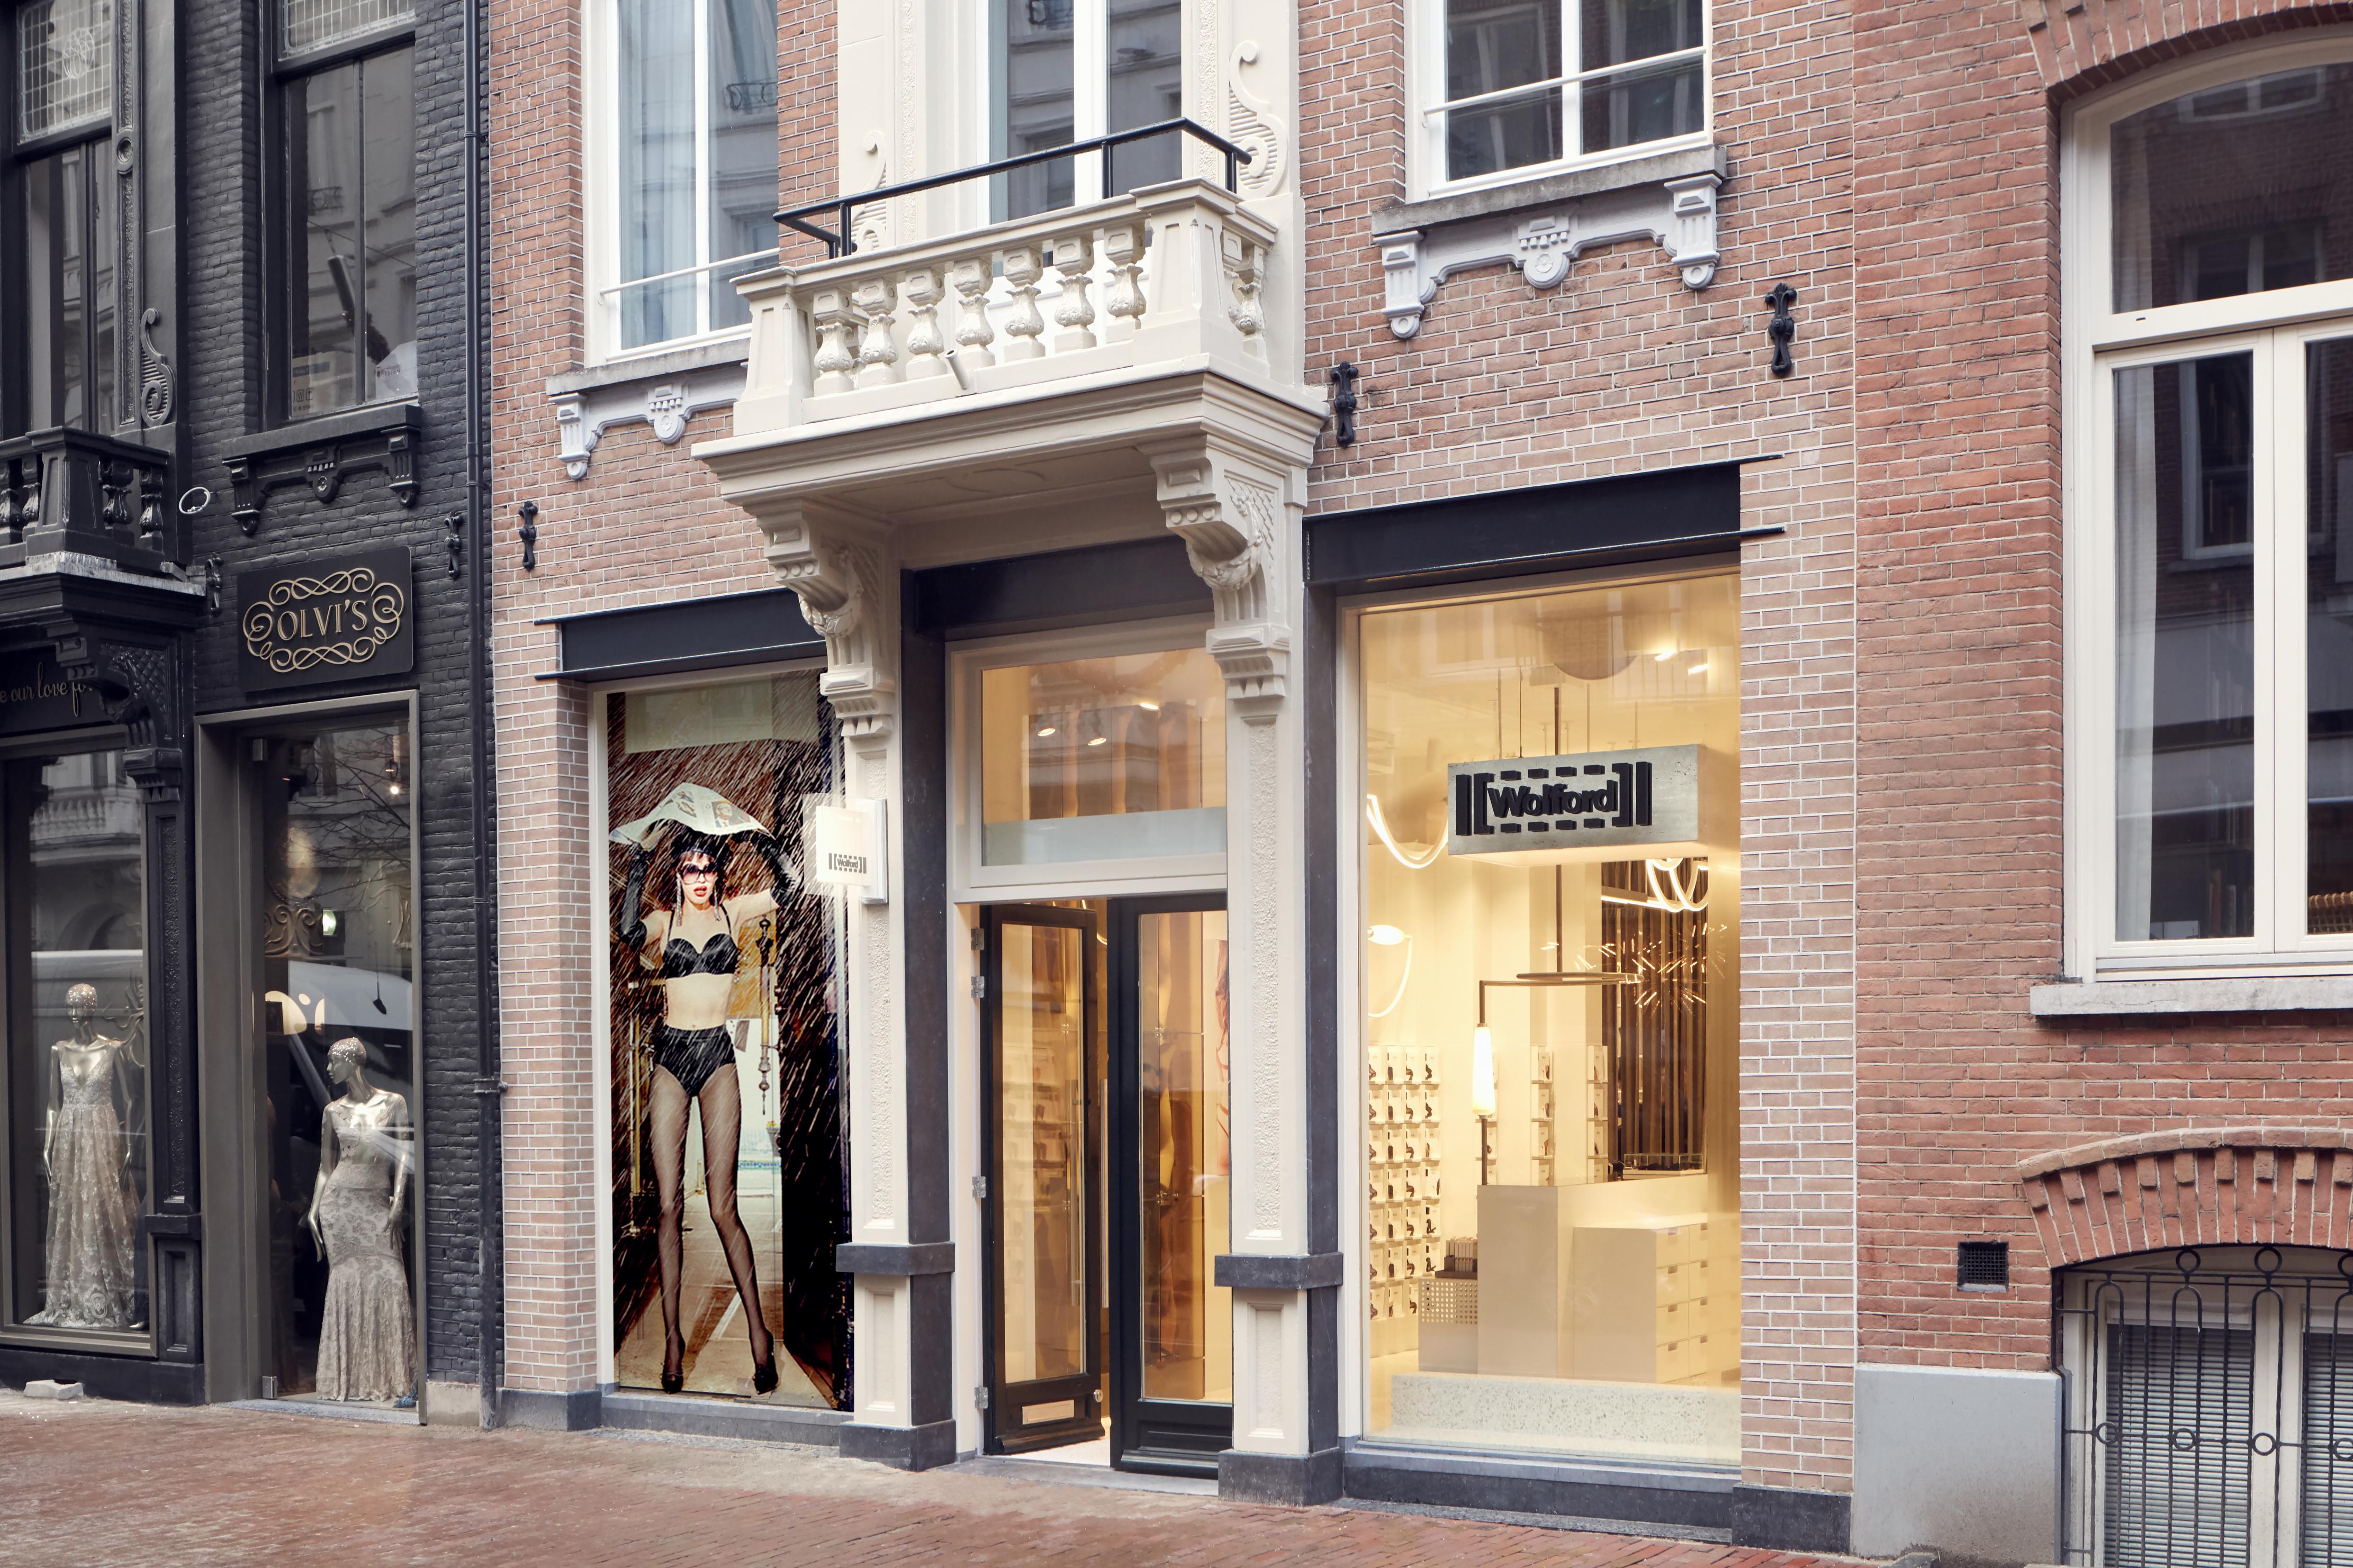 <p>Wolford Amsterdam door, studio Modijefsky</p>